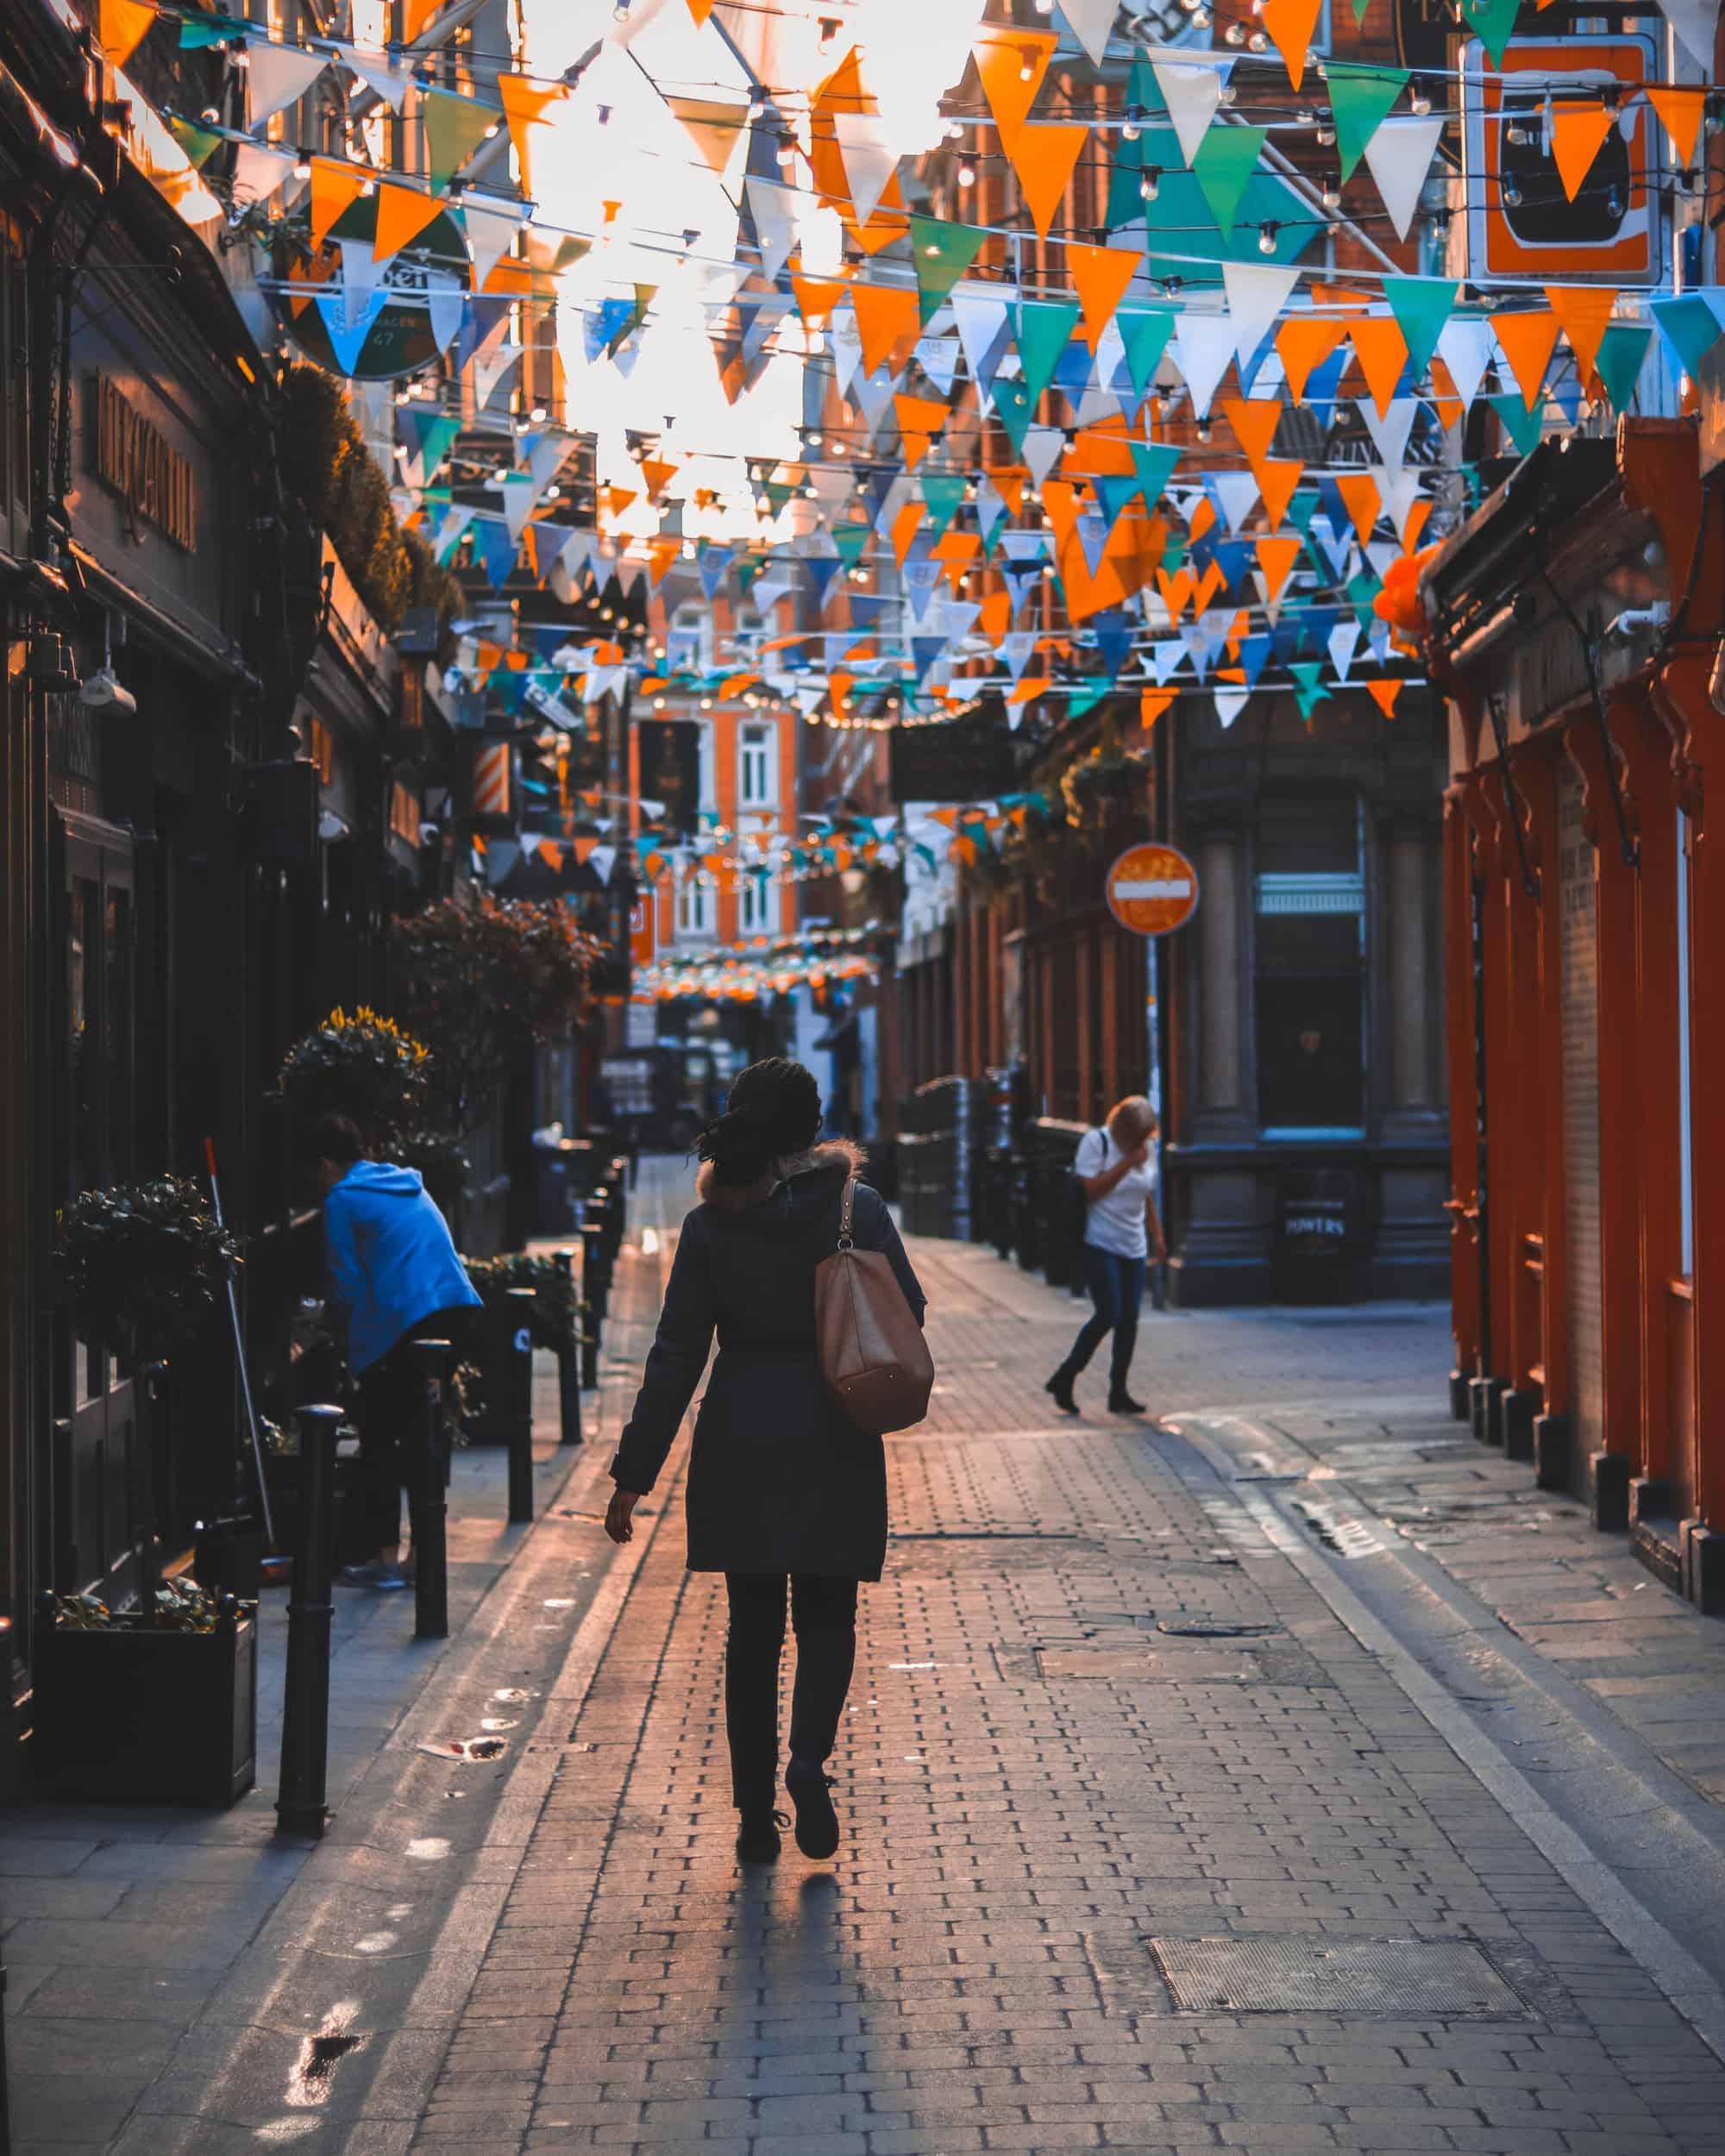 Irlanda: Este Año Las Celebraciones Por El Día De San Patricio Durarán 6 Días Y Serán Virtuales